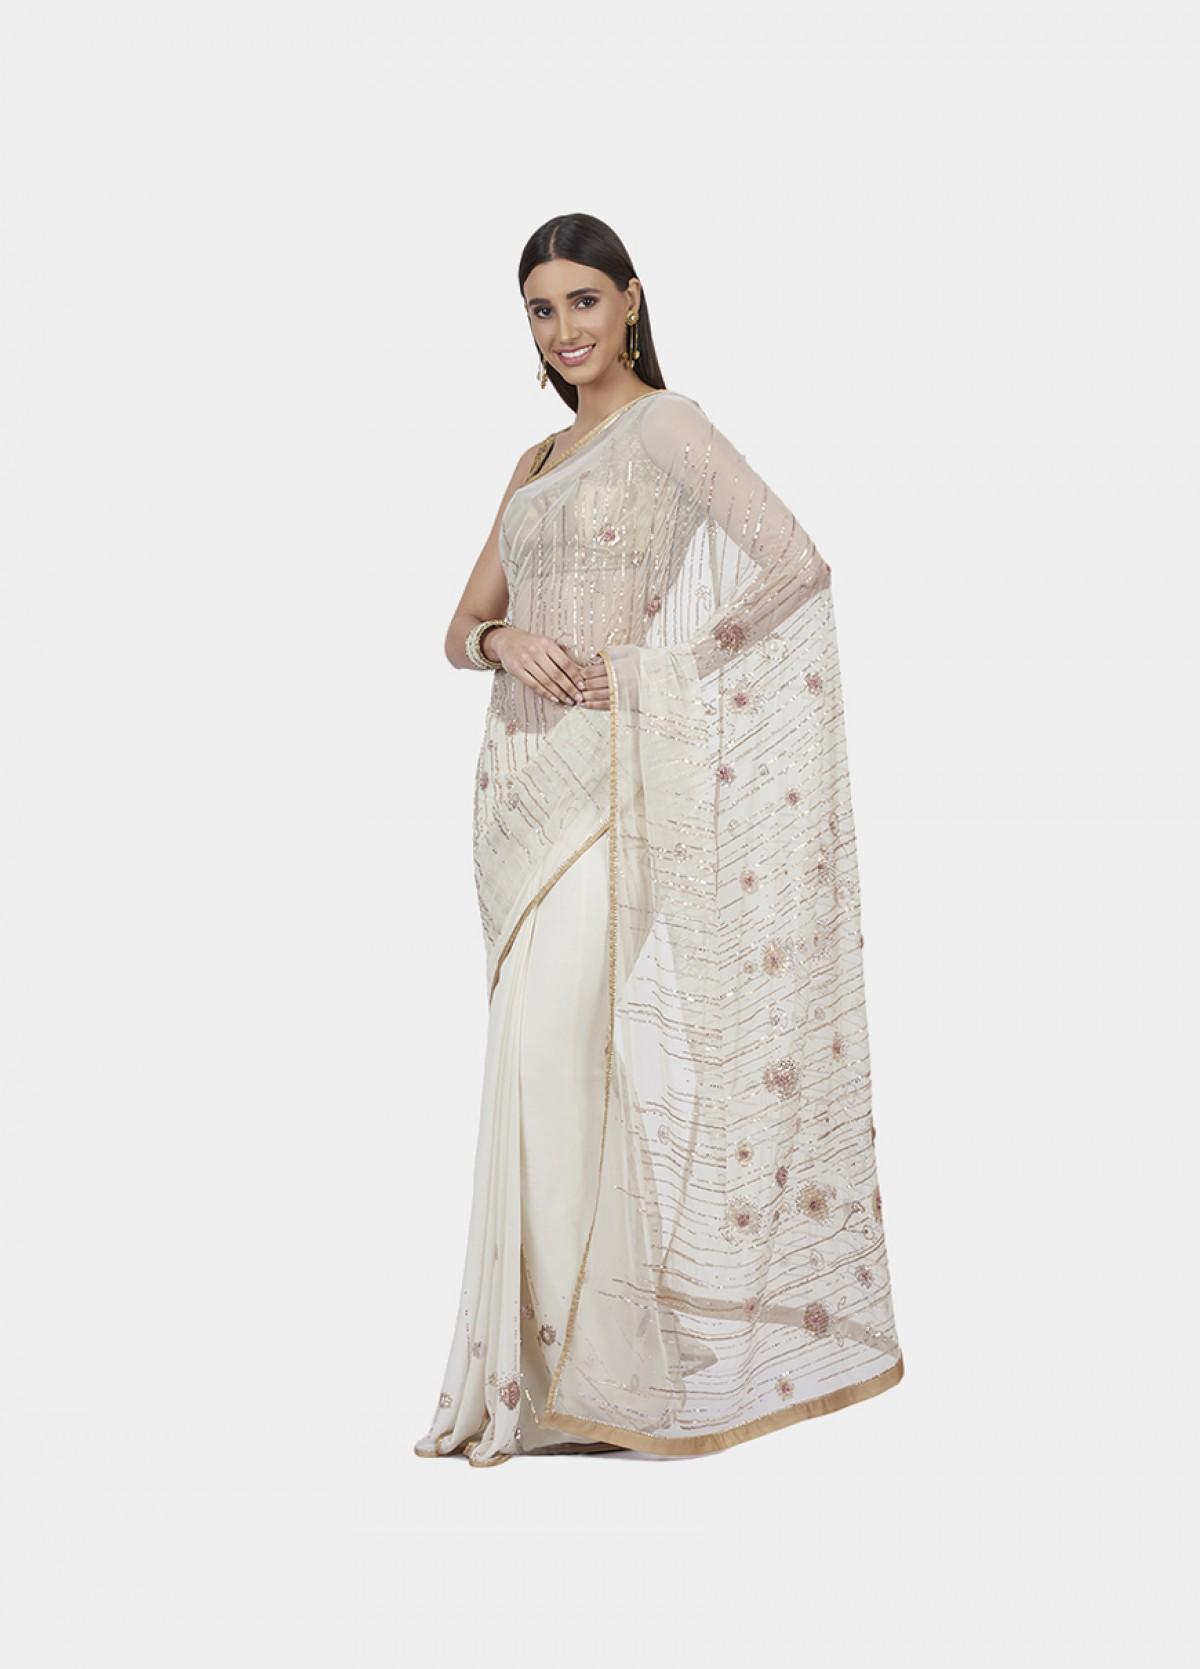 The Deciduous Sari